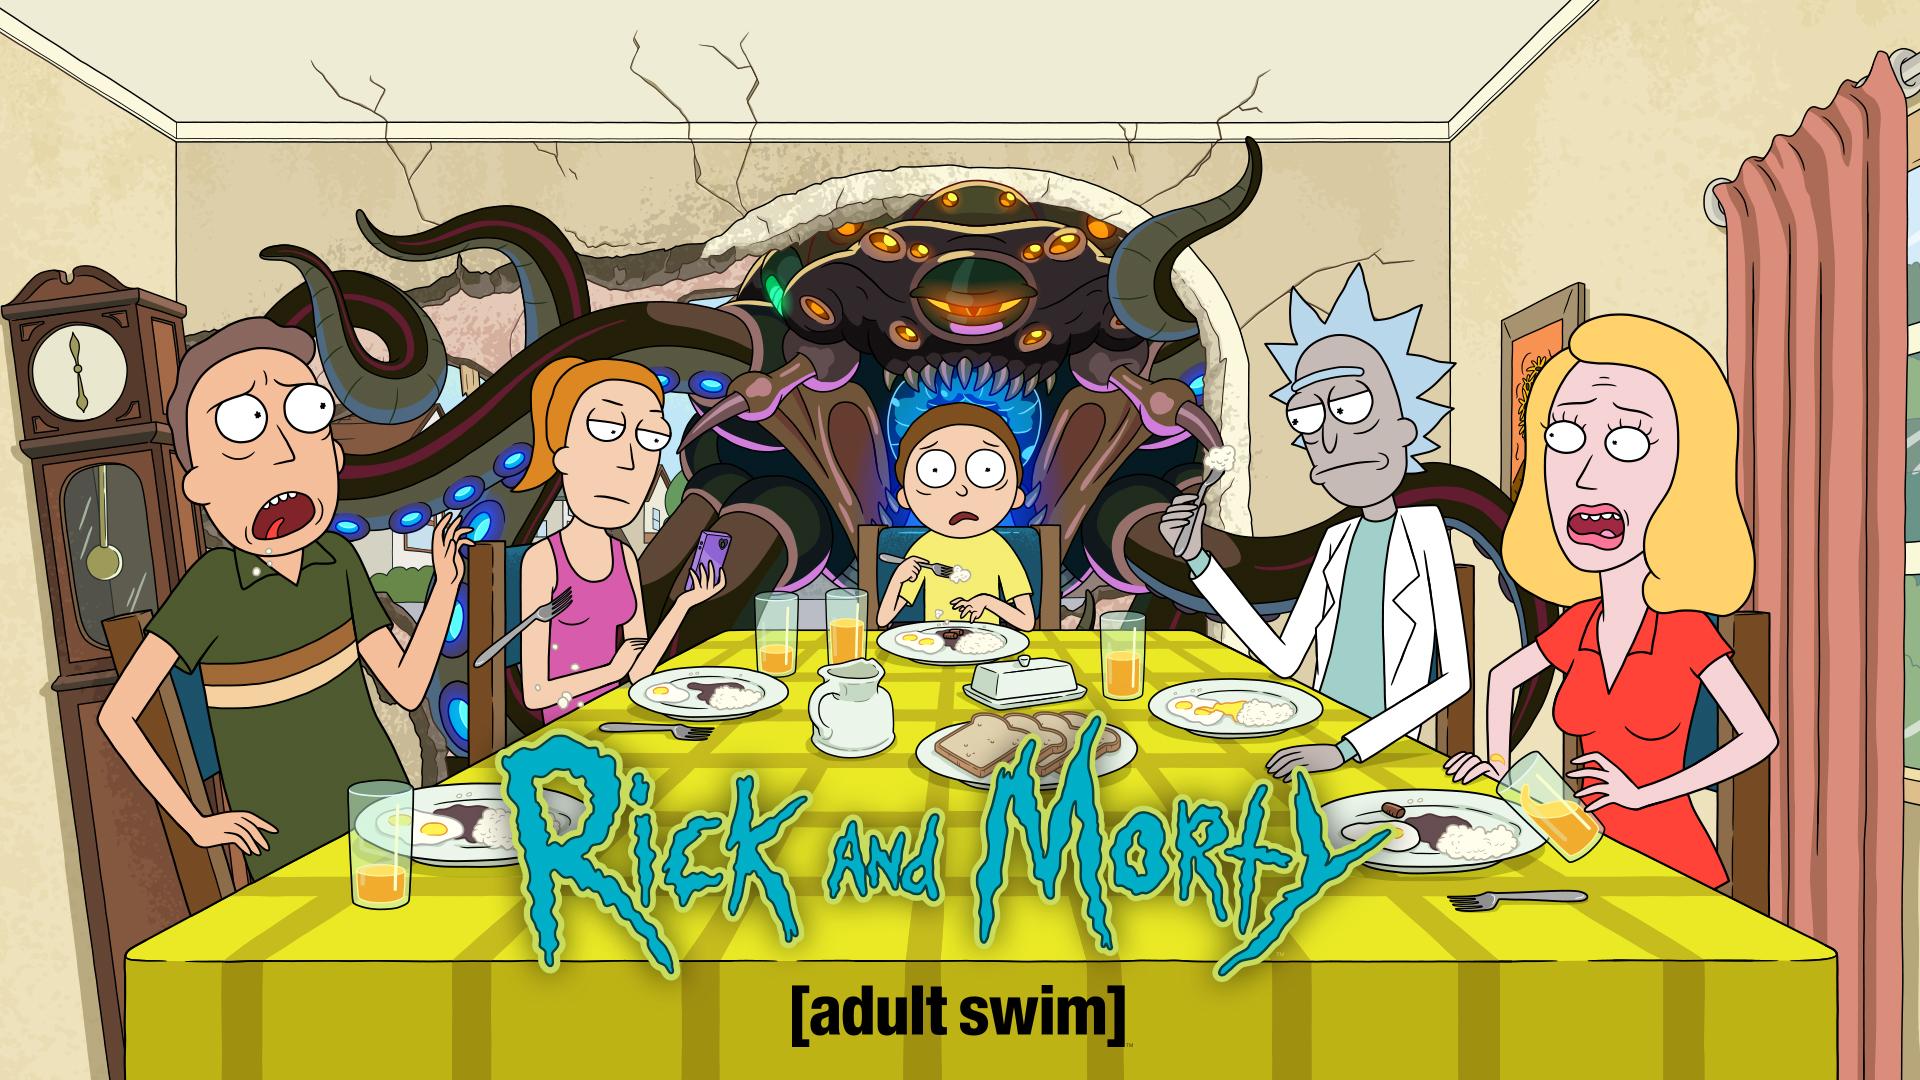 La saison 5 inédite de Rick et Morty arrive en version française sur Adult Swim à partir du 22 octobre